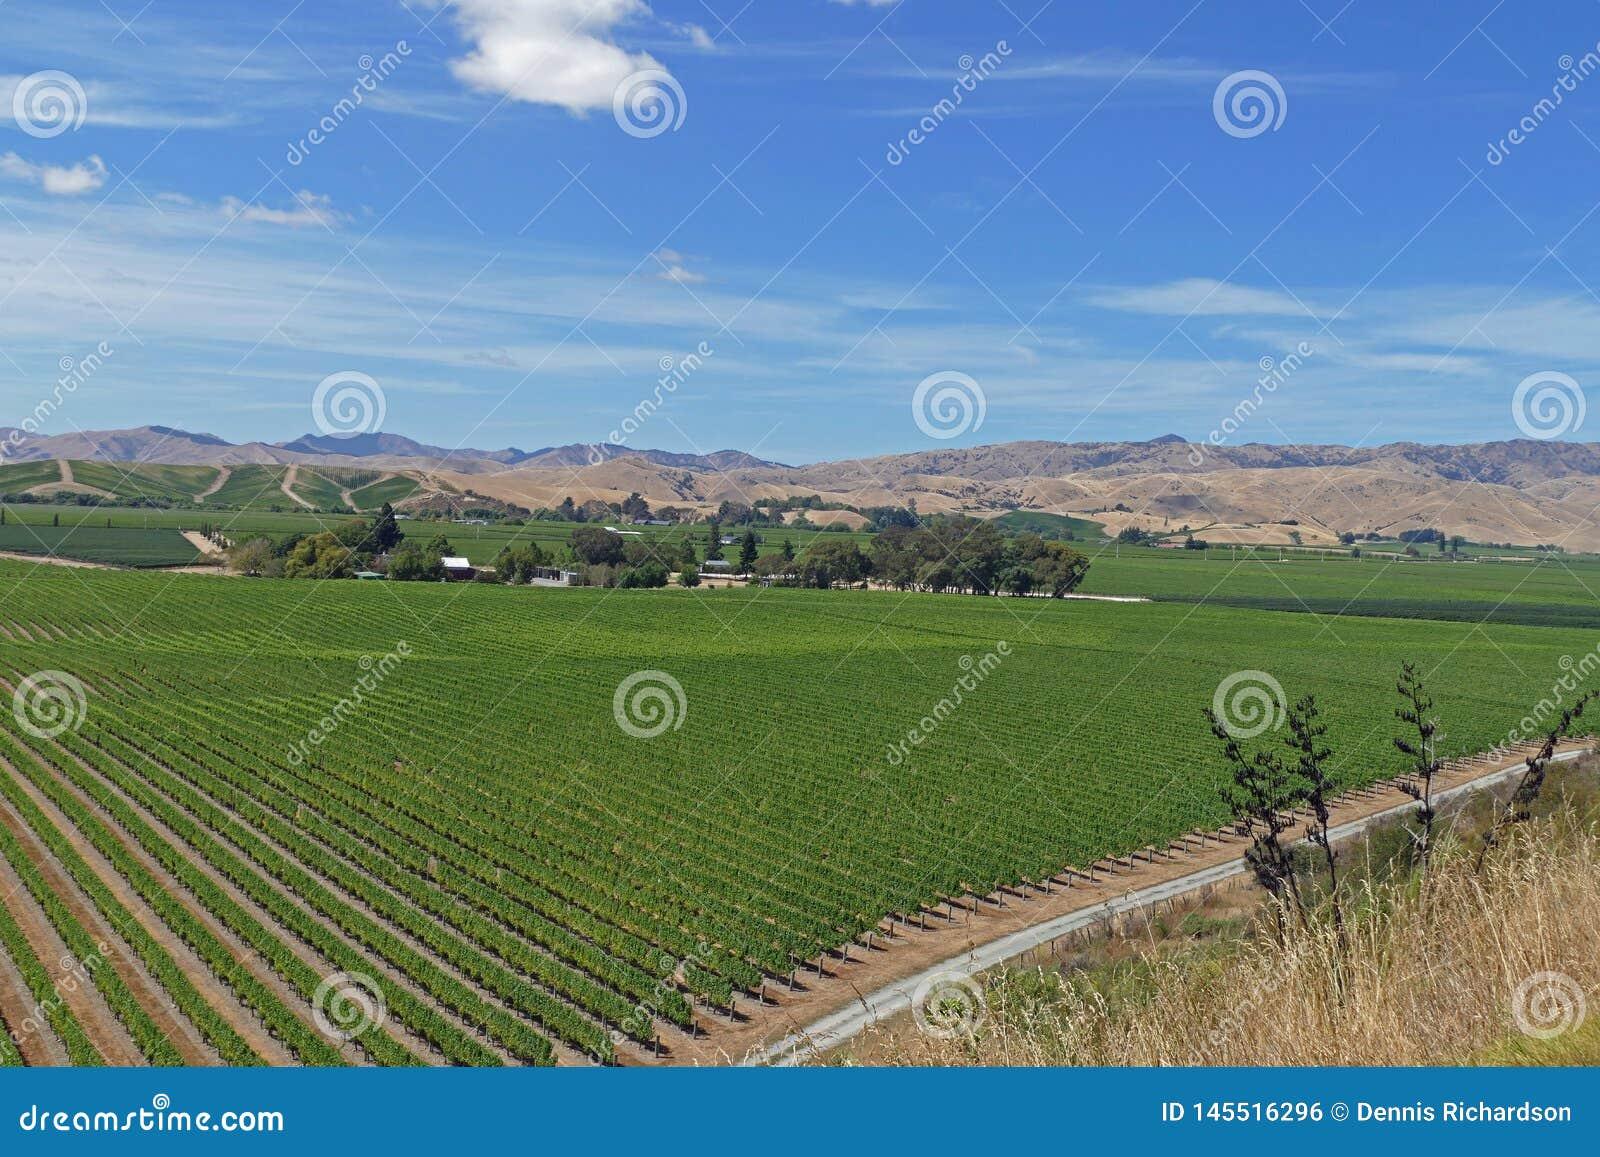 Feine Weine von einem Weinberg in Neuseeland